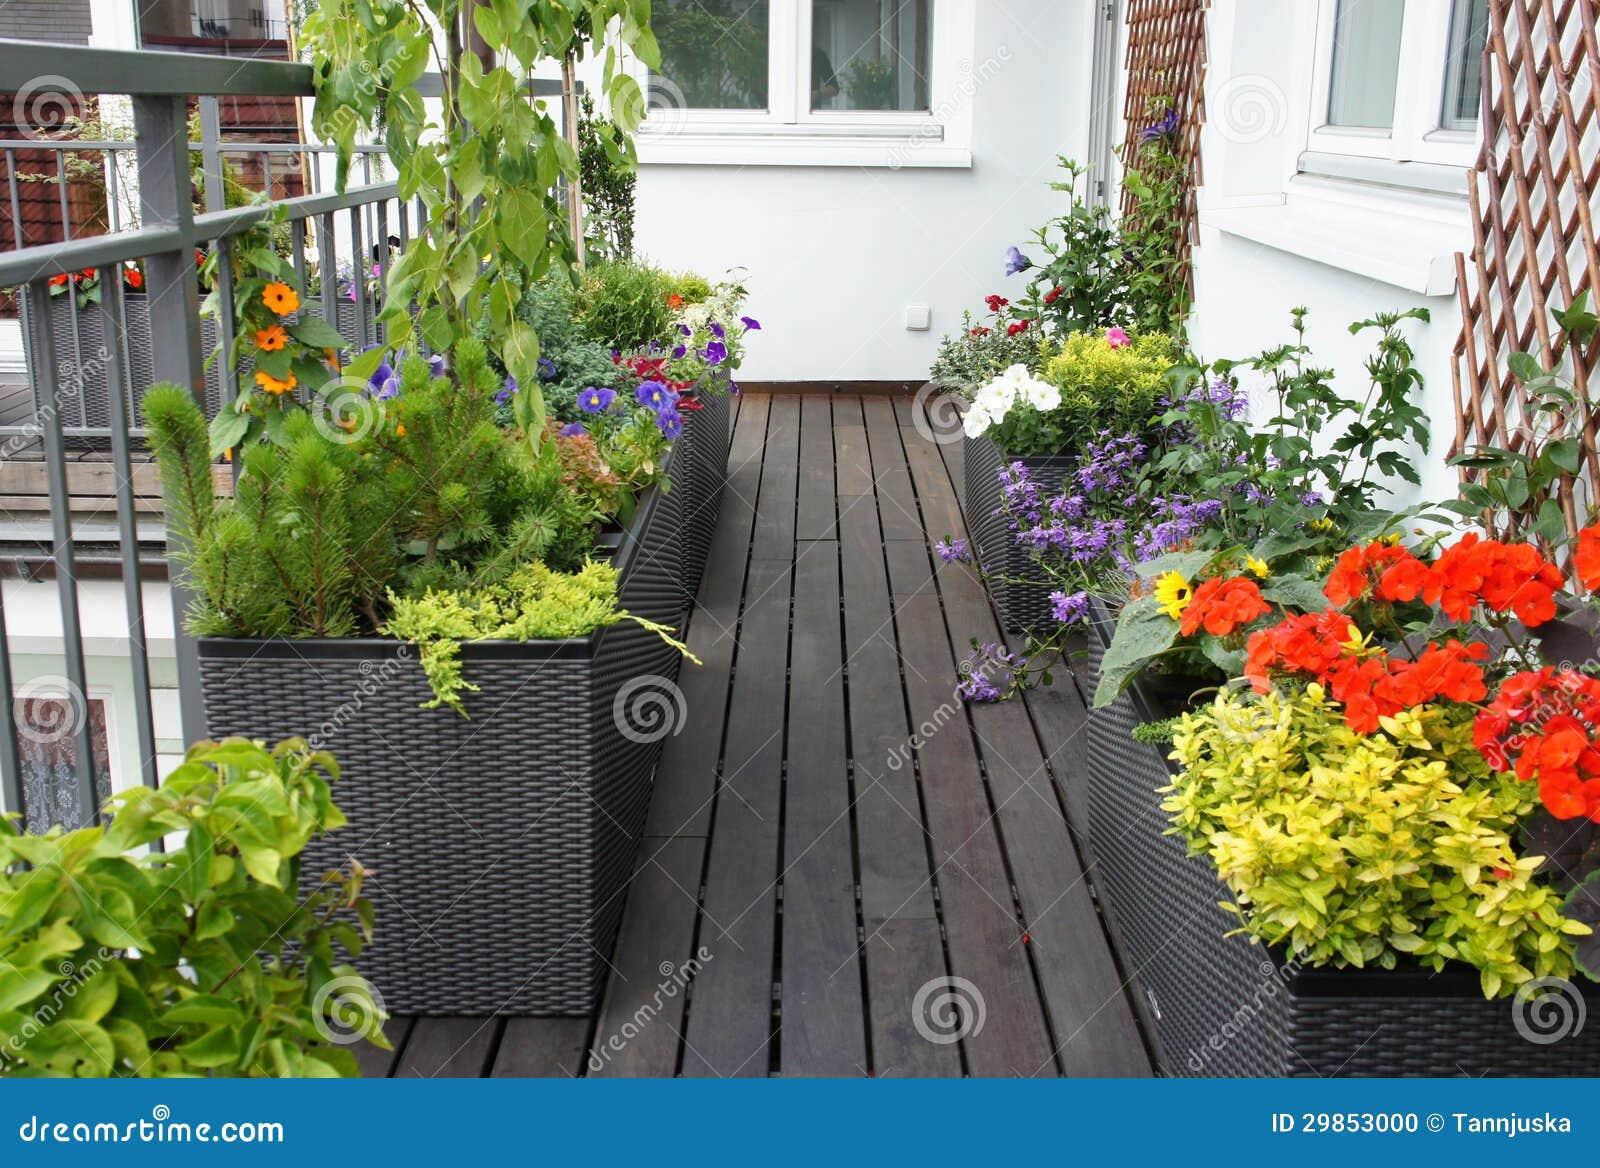 moderne sch ne terrasse mit vielen blumen stockfoto bild 29853000. Black Bedroom Furniture Sets. Home Design Ideas